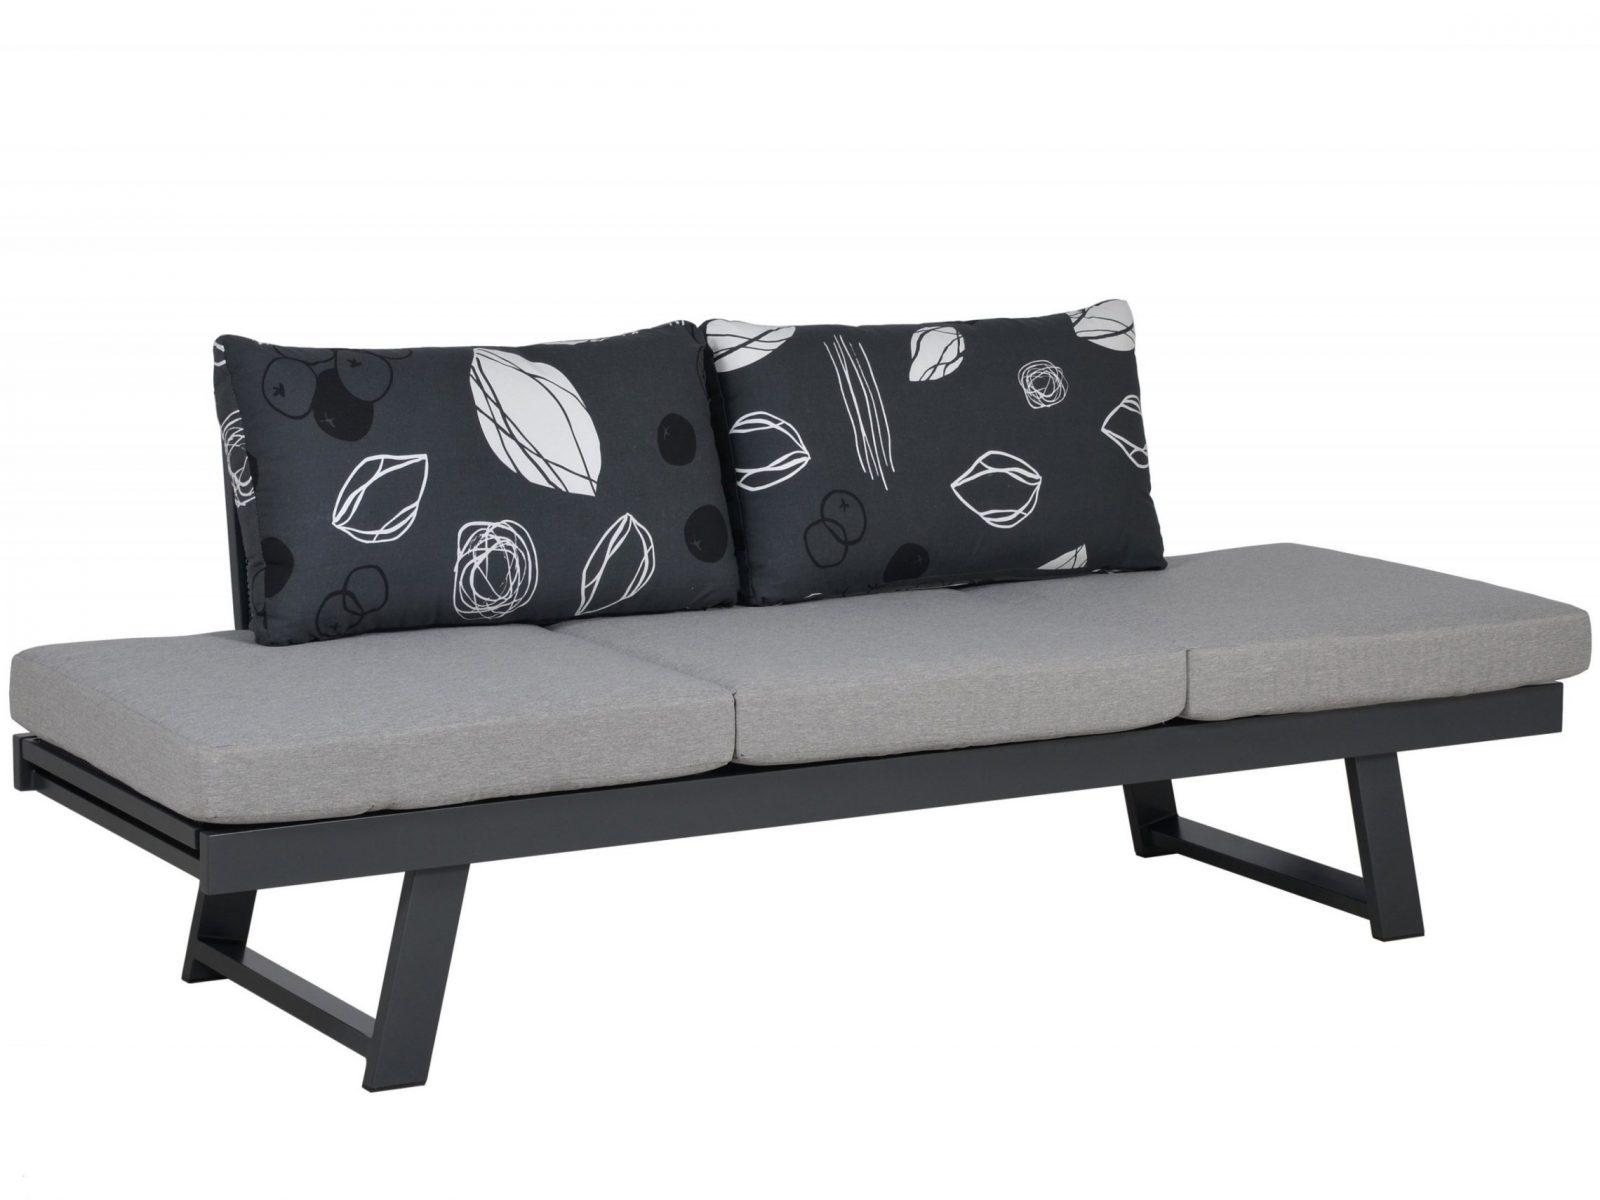 Jugendzimmer Ideen Für Kleine Räume Planen 31 Luxus Heuer von Kleine Couch Für Jugendzimmer Bild